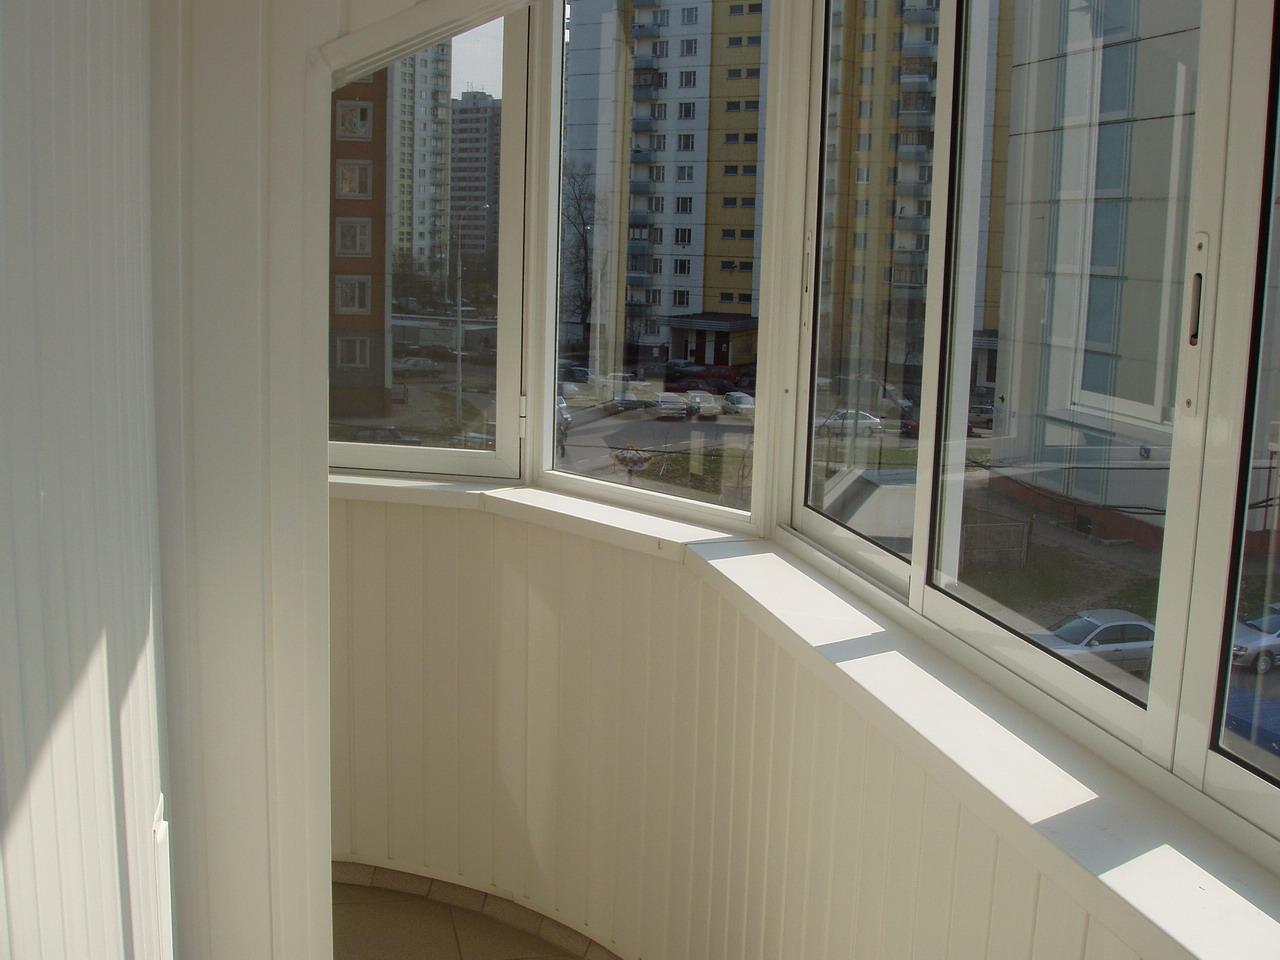 Остекление балкона своими руками пошаговая инструкция фото 946